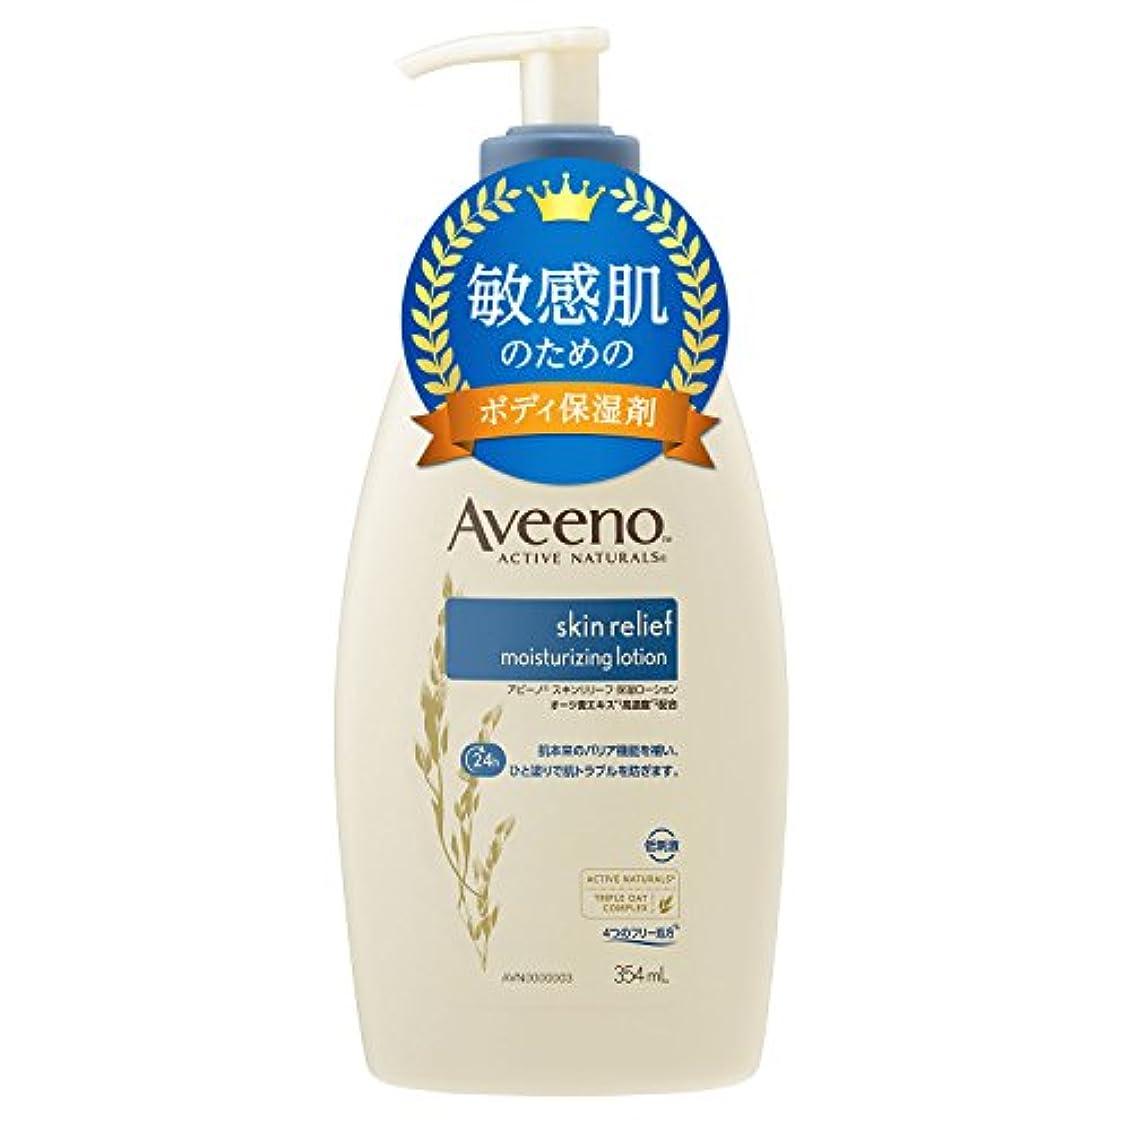 横向き感度誤【Amazon.co.jp限定】Aveeno(アビーノ) スキンリリーフ 保湿ローション 354ml 【極度の乾燥肌、敏感肌の方向け】